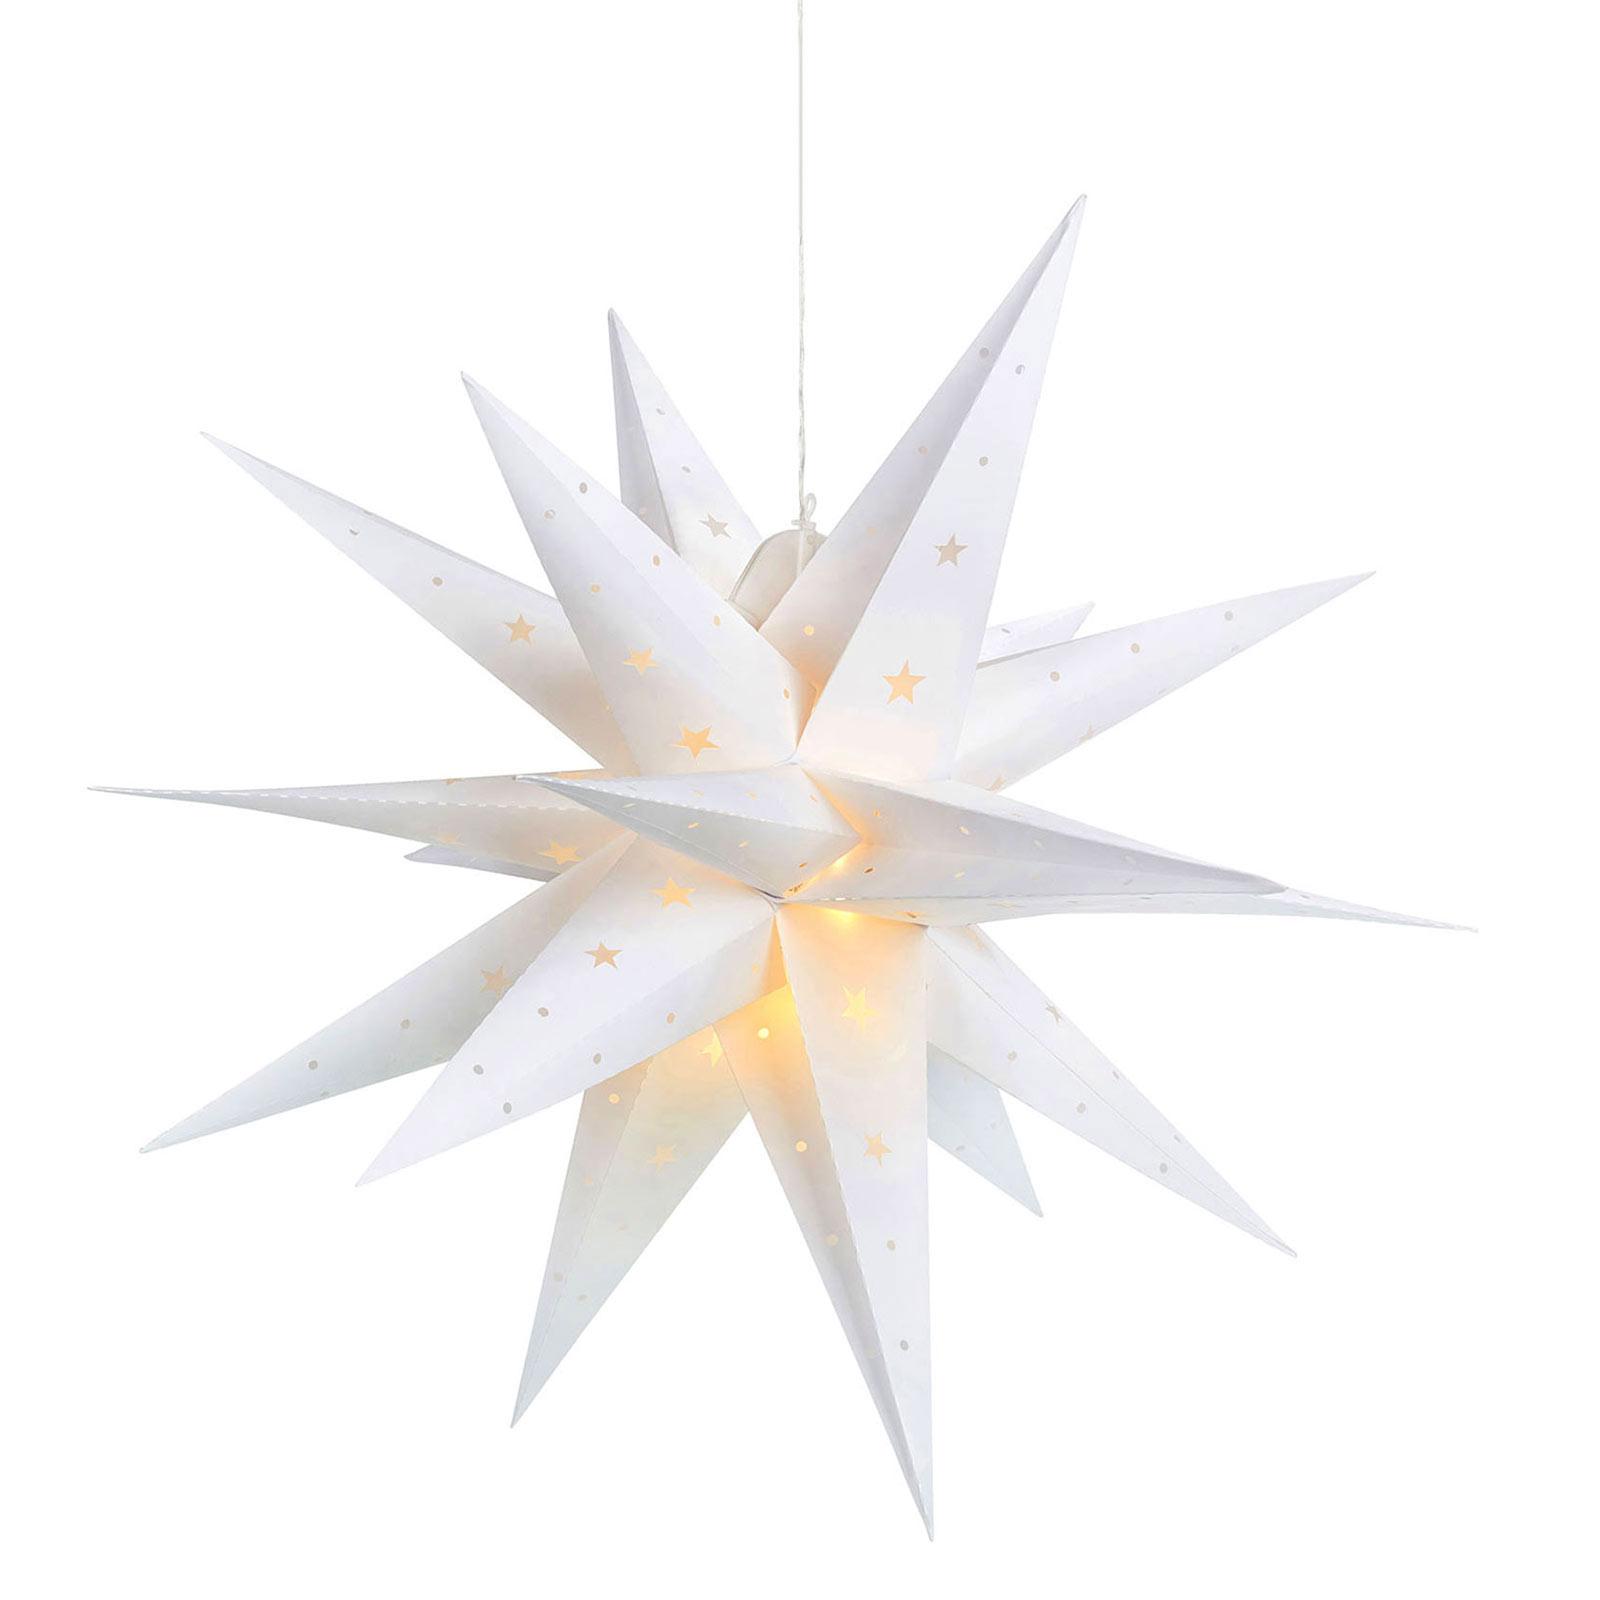 Vectra 3D LED-stjerne til udendørs brug